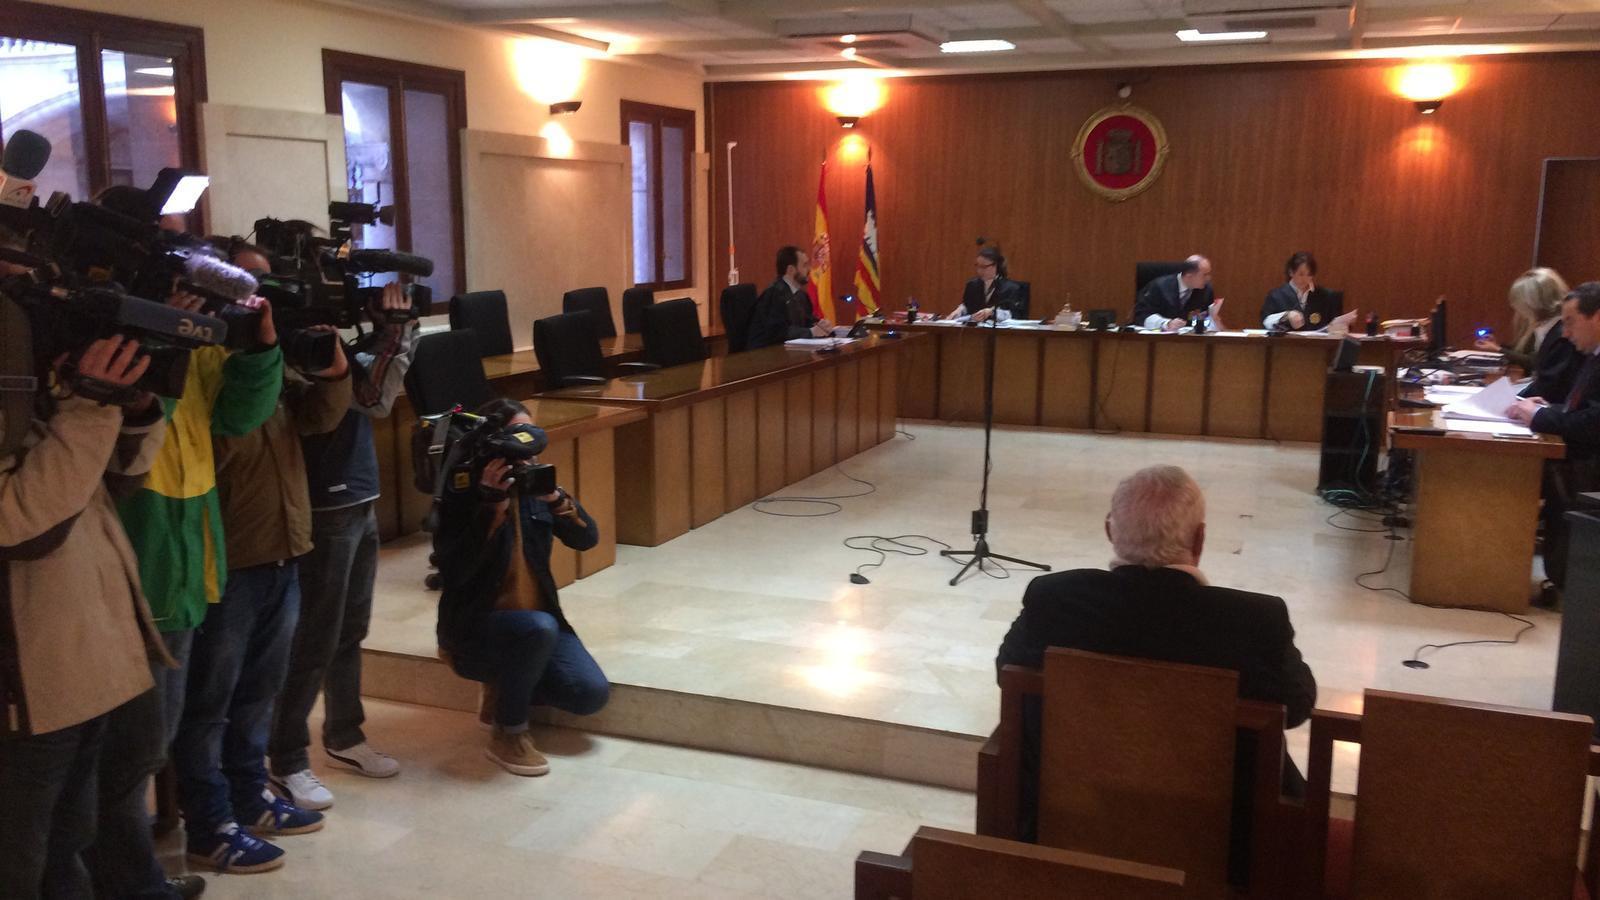 L'Audiència jutja l'excapellà de Selva per presumptes abusos sexuals a una menor